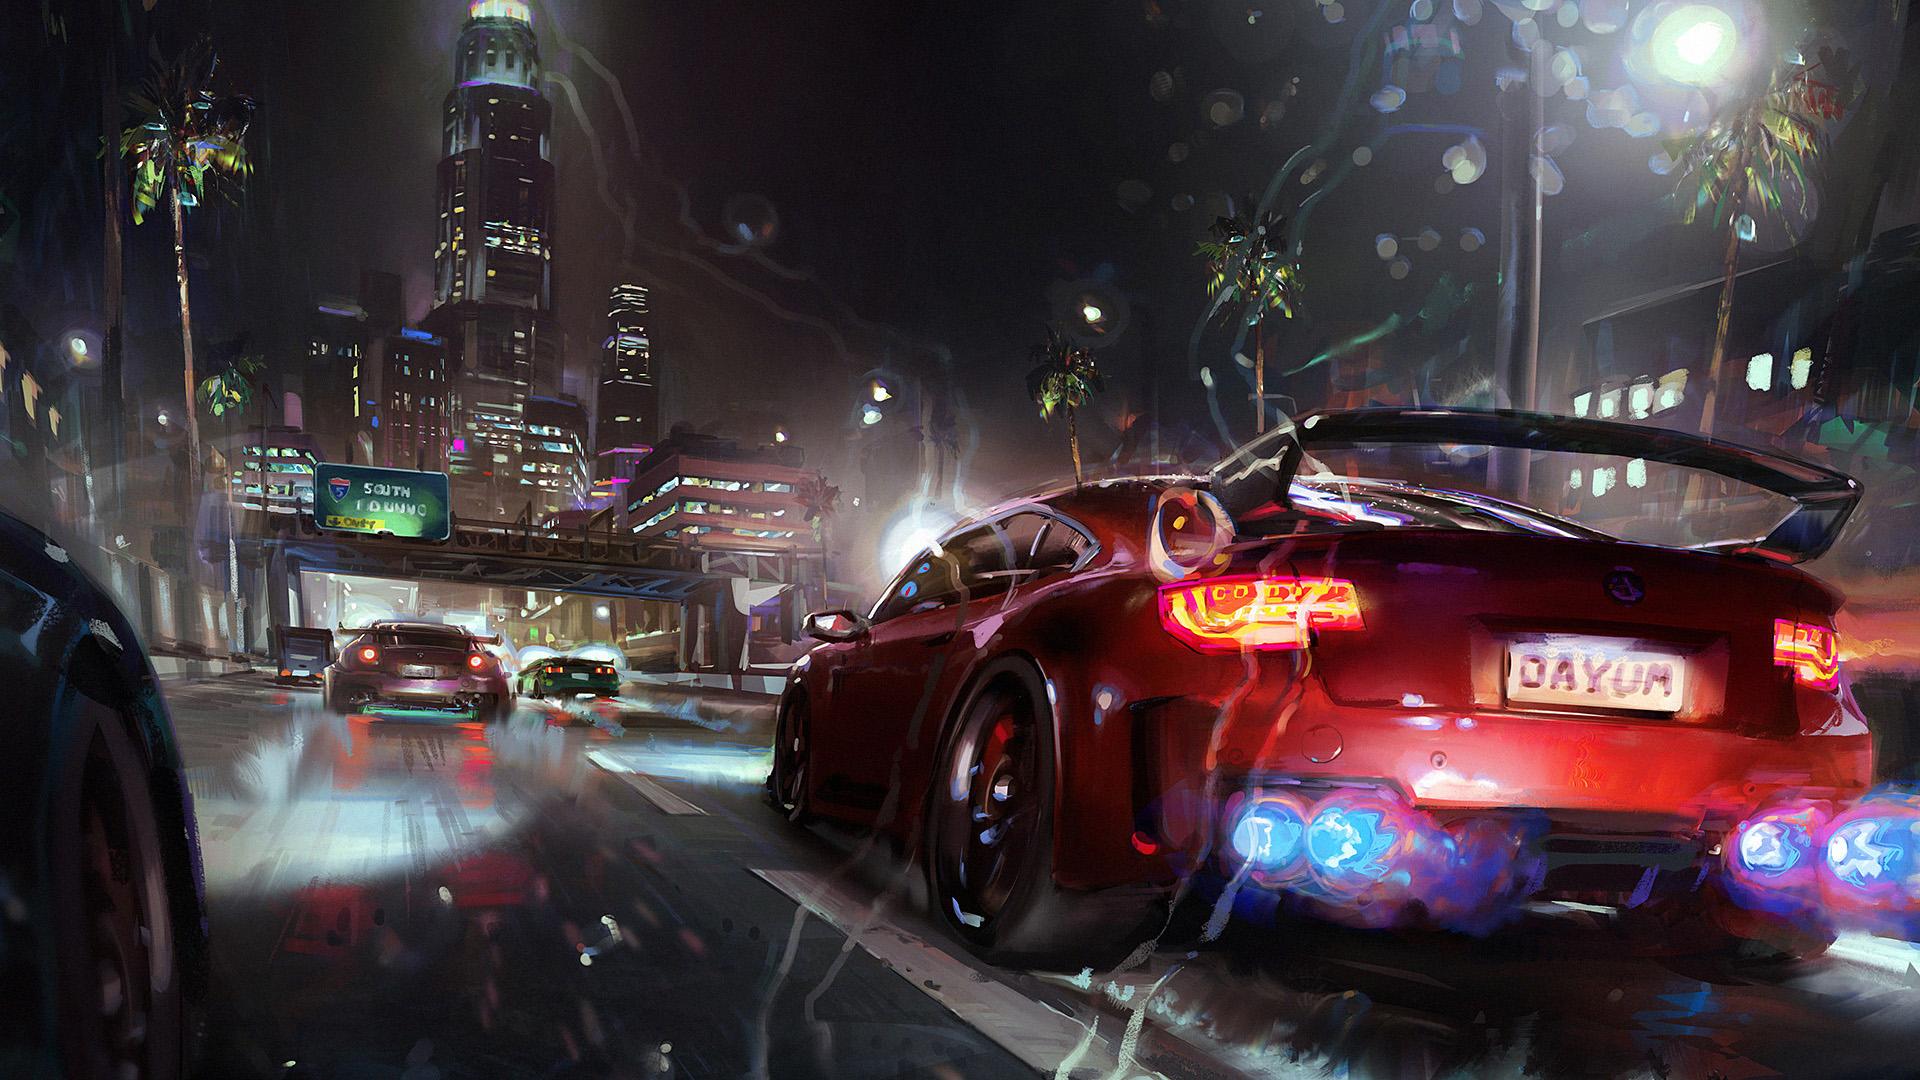 游戏壁纸,赛车,雨夜,城市,未来,跑车,速度